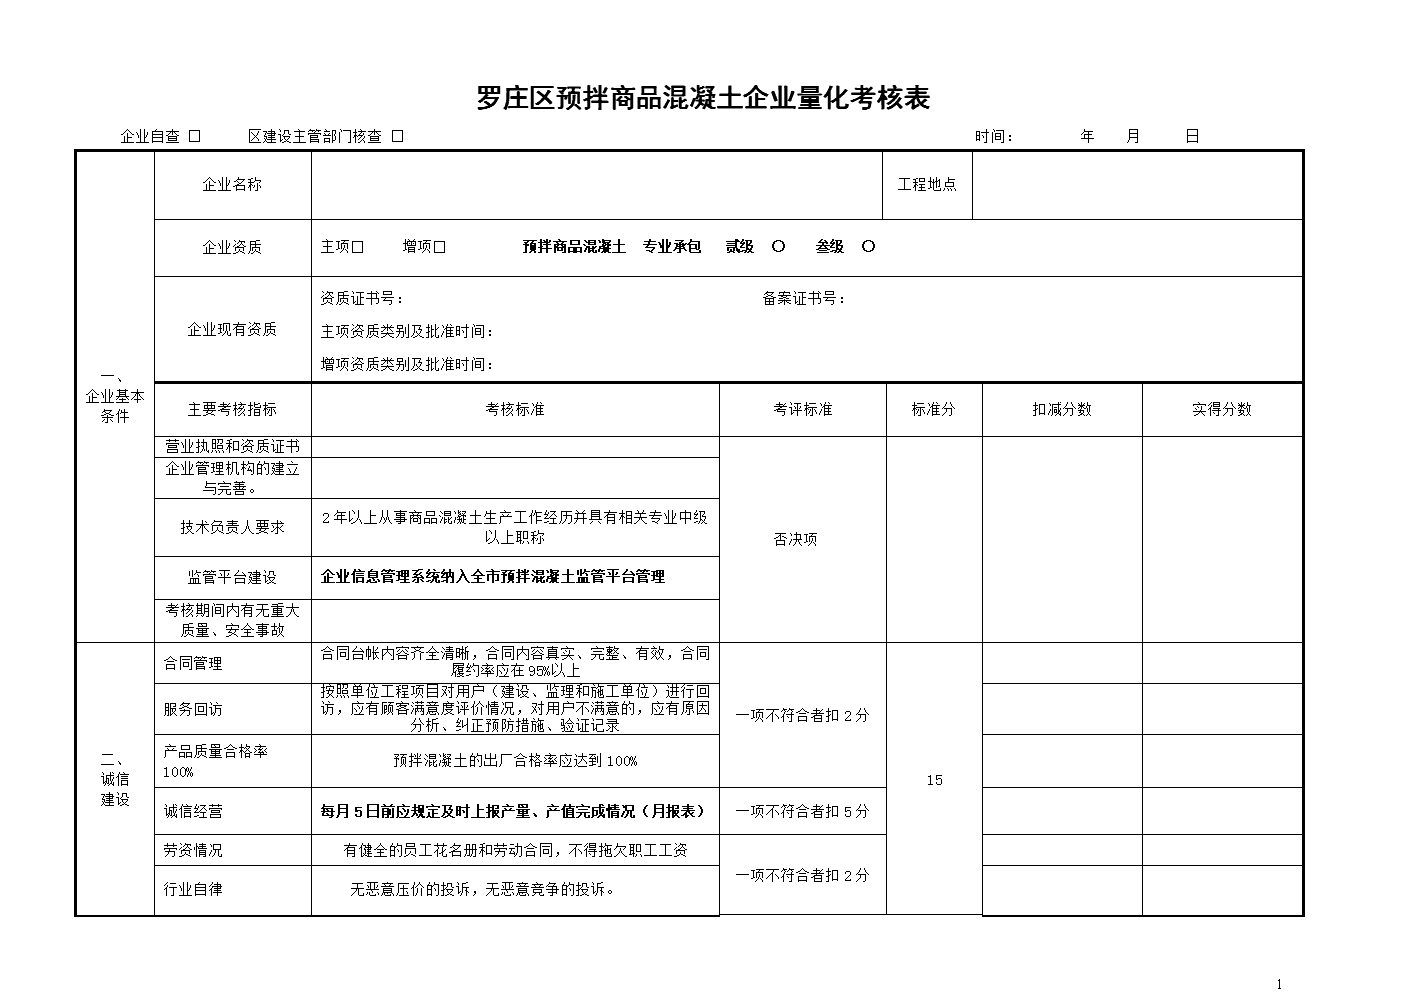 商品混凝土企业量化考核表.doc